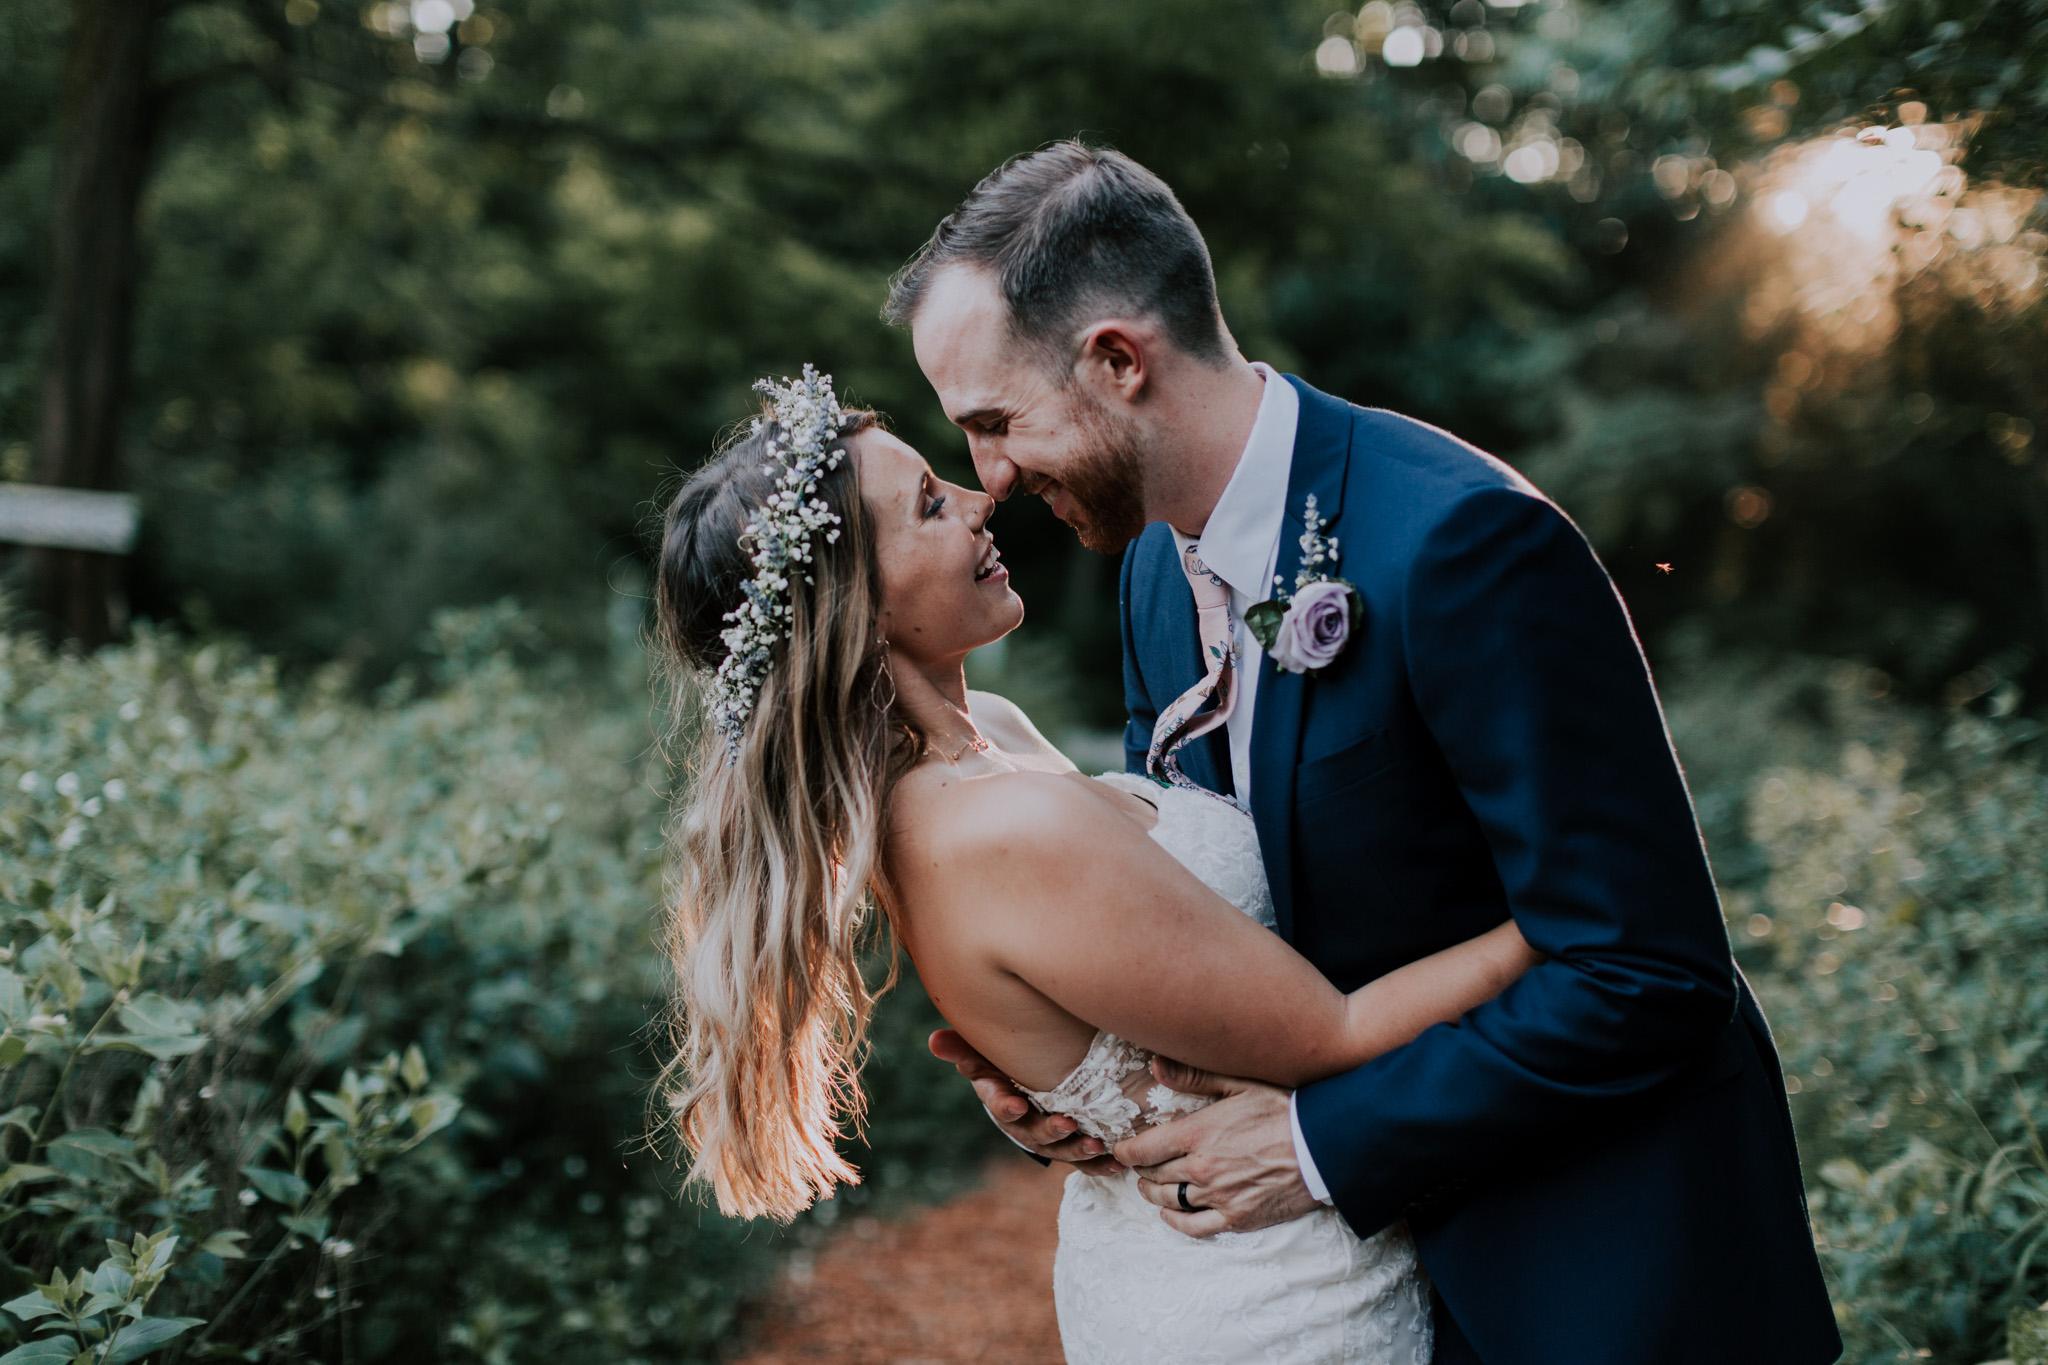 Blue-Dress-Barn-Michigan-Wedding-April-Seth-Vafa-Photo896.jpg